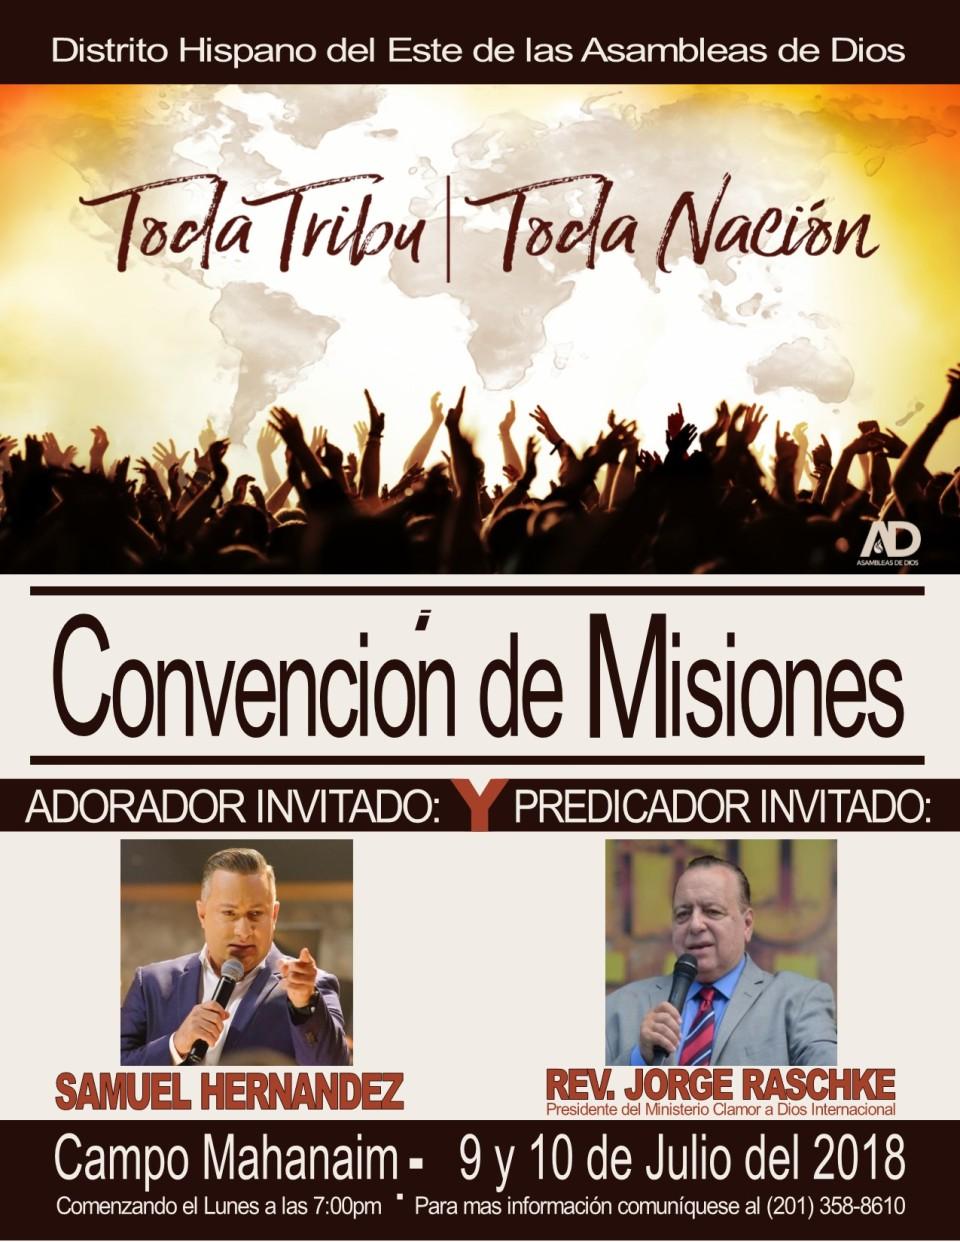 Convencion de Misiones 2018 Revised 04-10-18